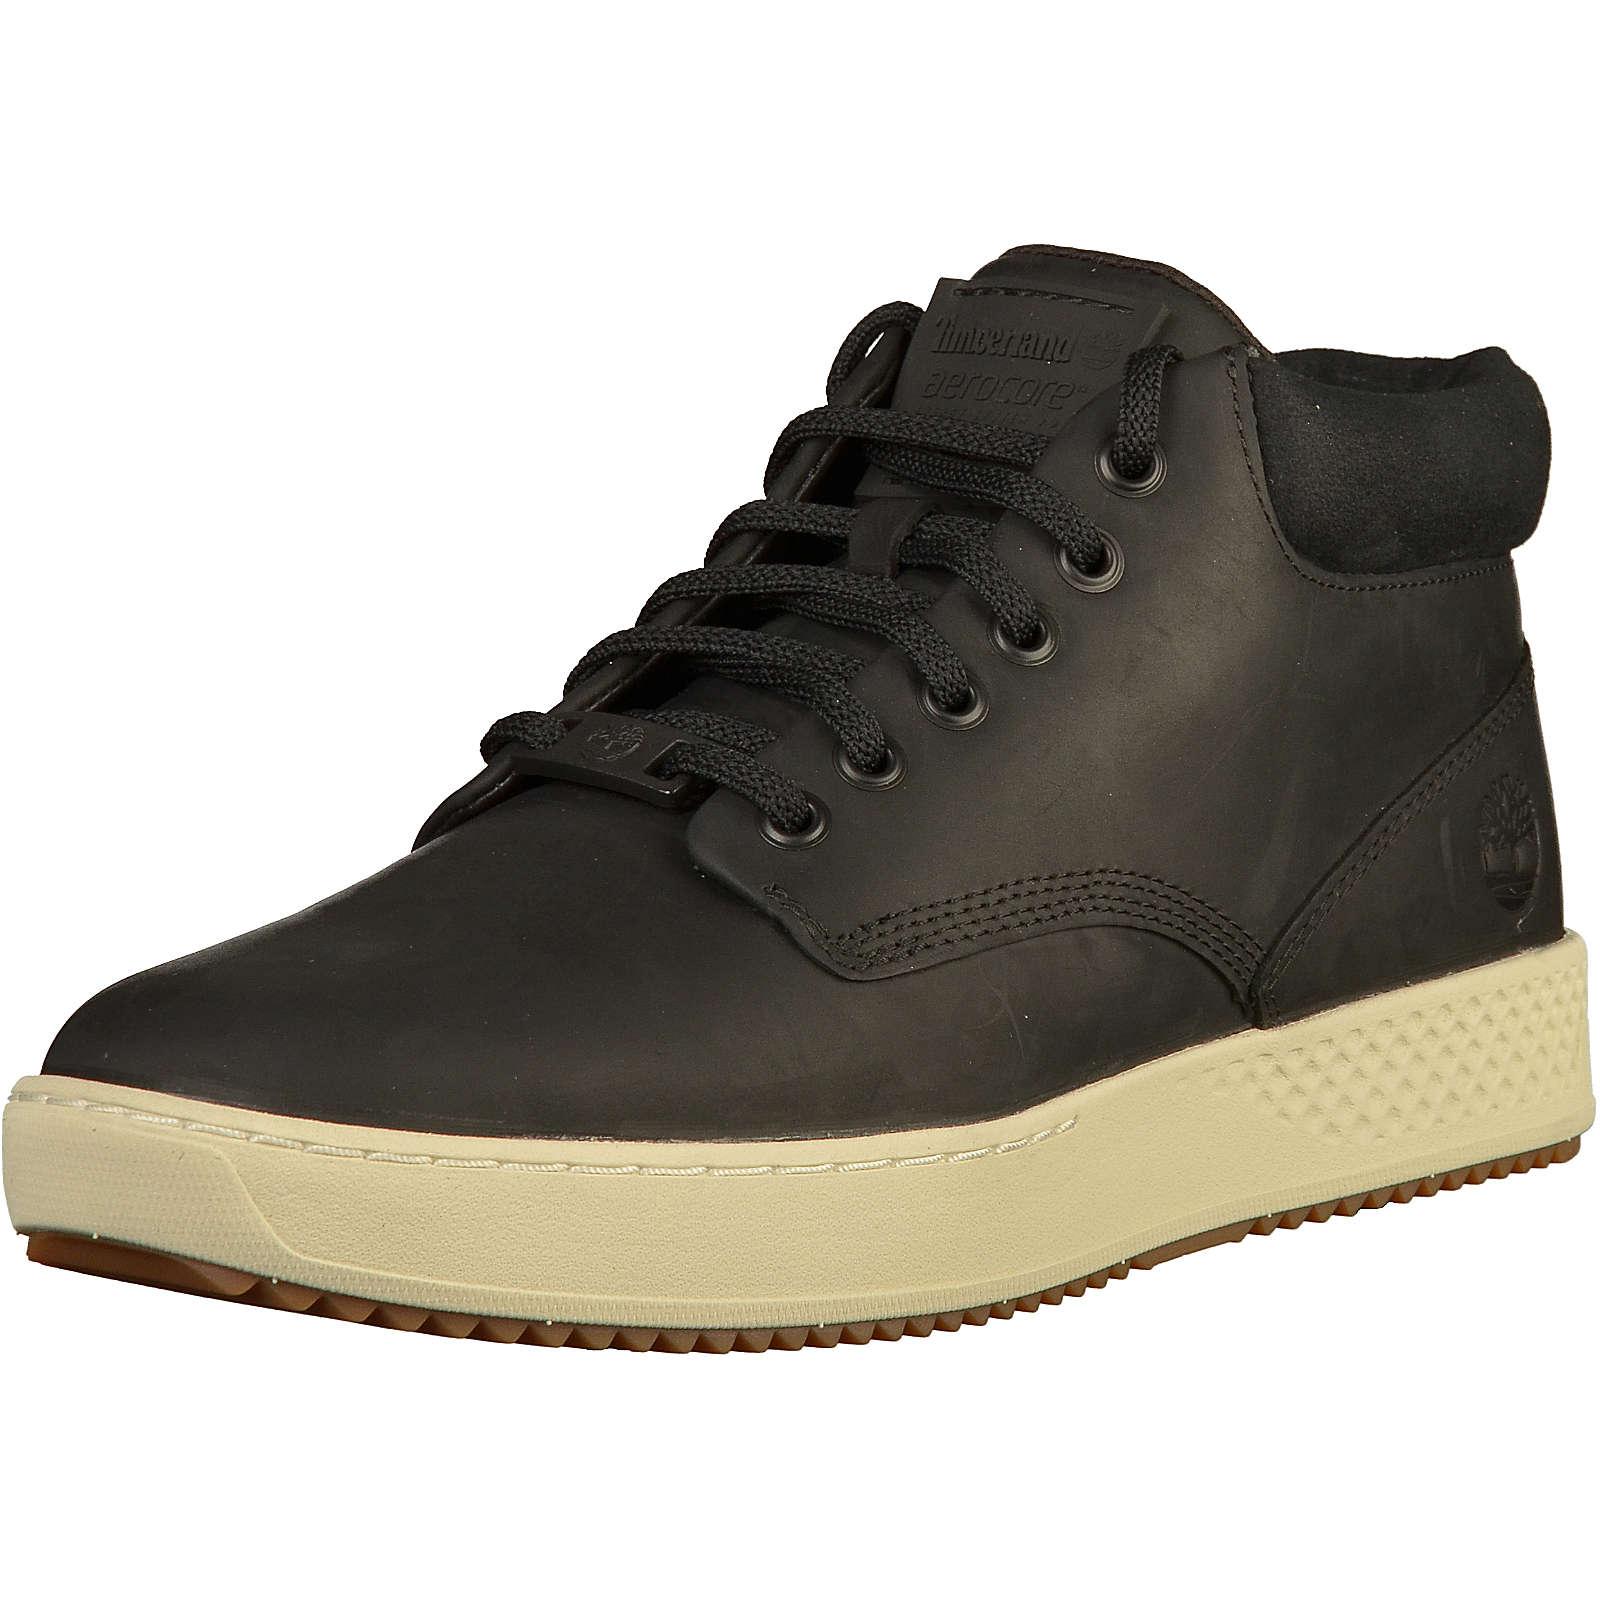 Timberland Sneaker Sneakers High schwarz Herren Gr. 44